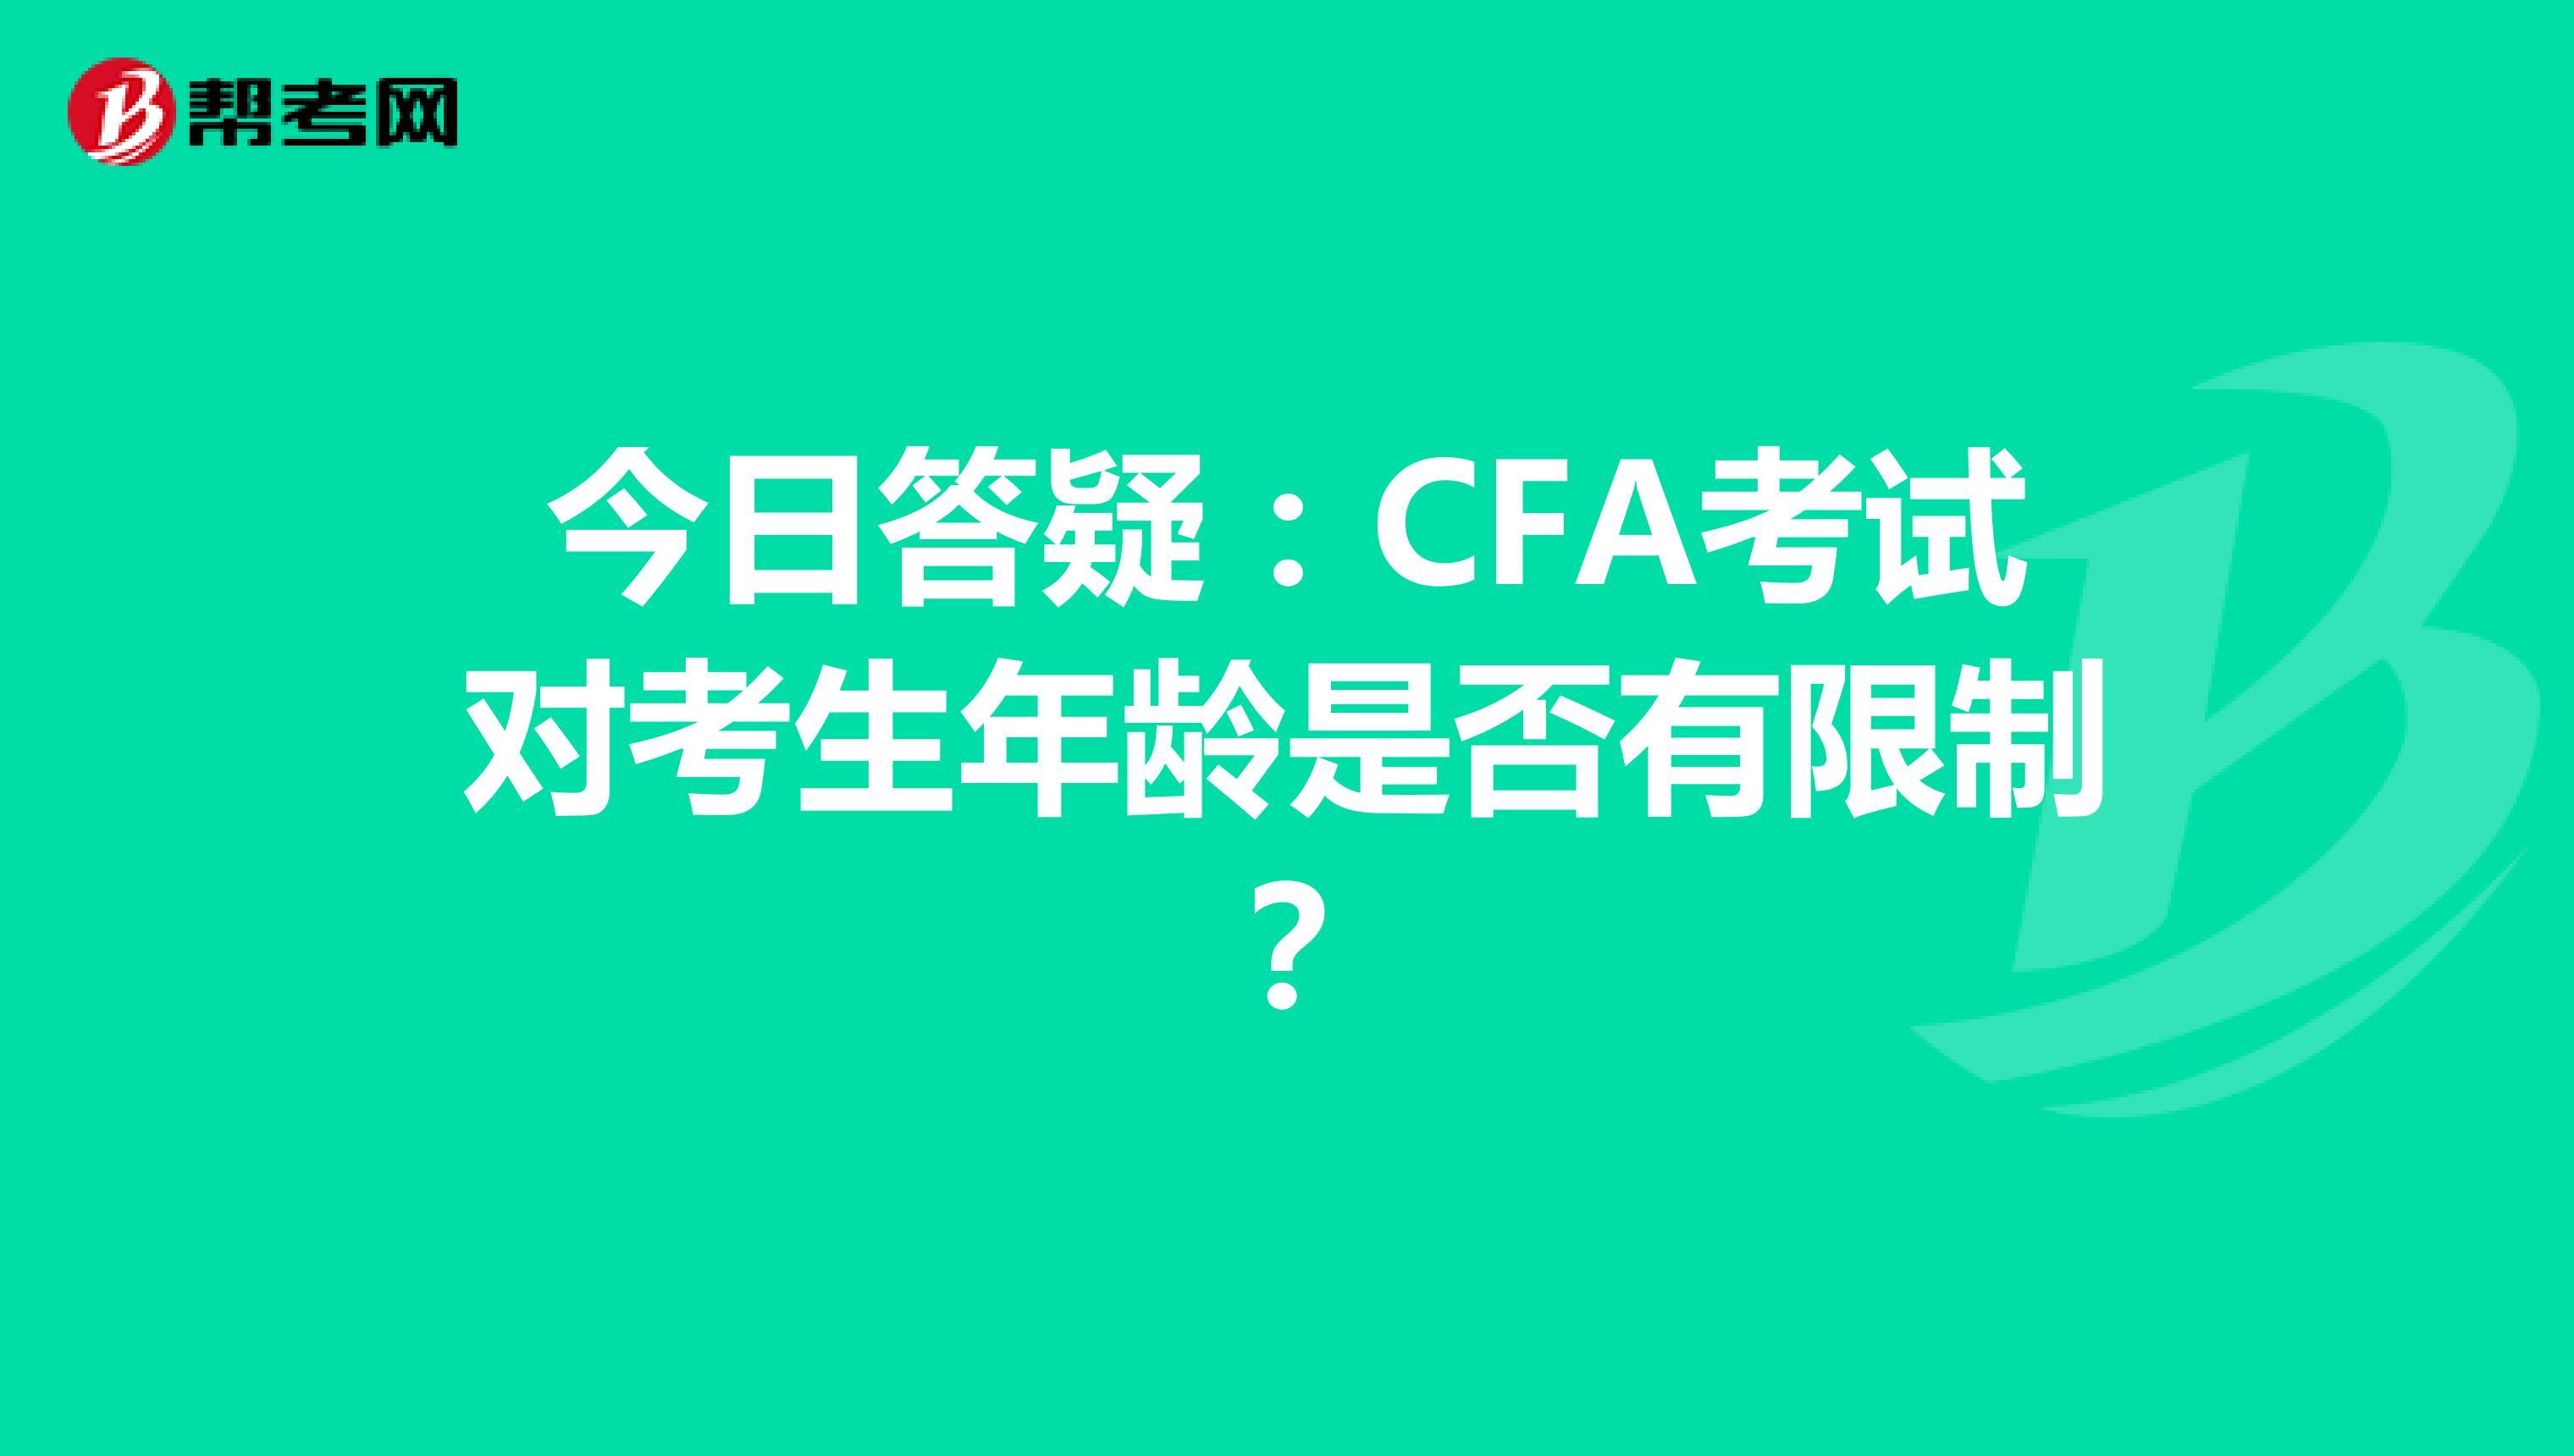 今日答疑:CFA考试对考生年龄是否有限制?